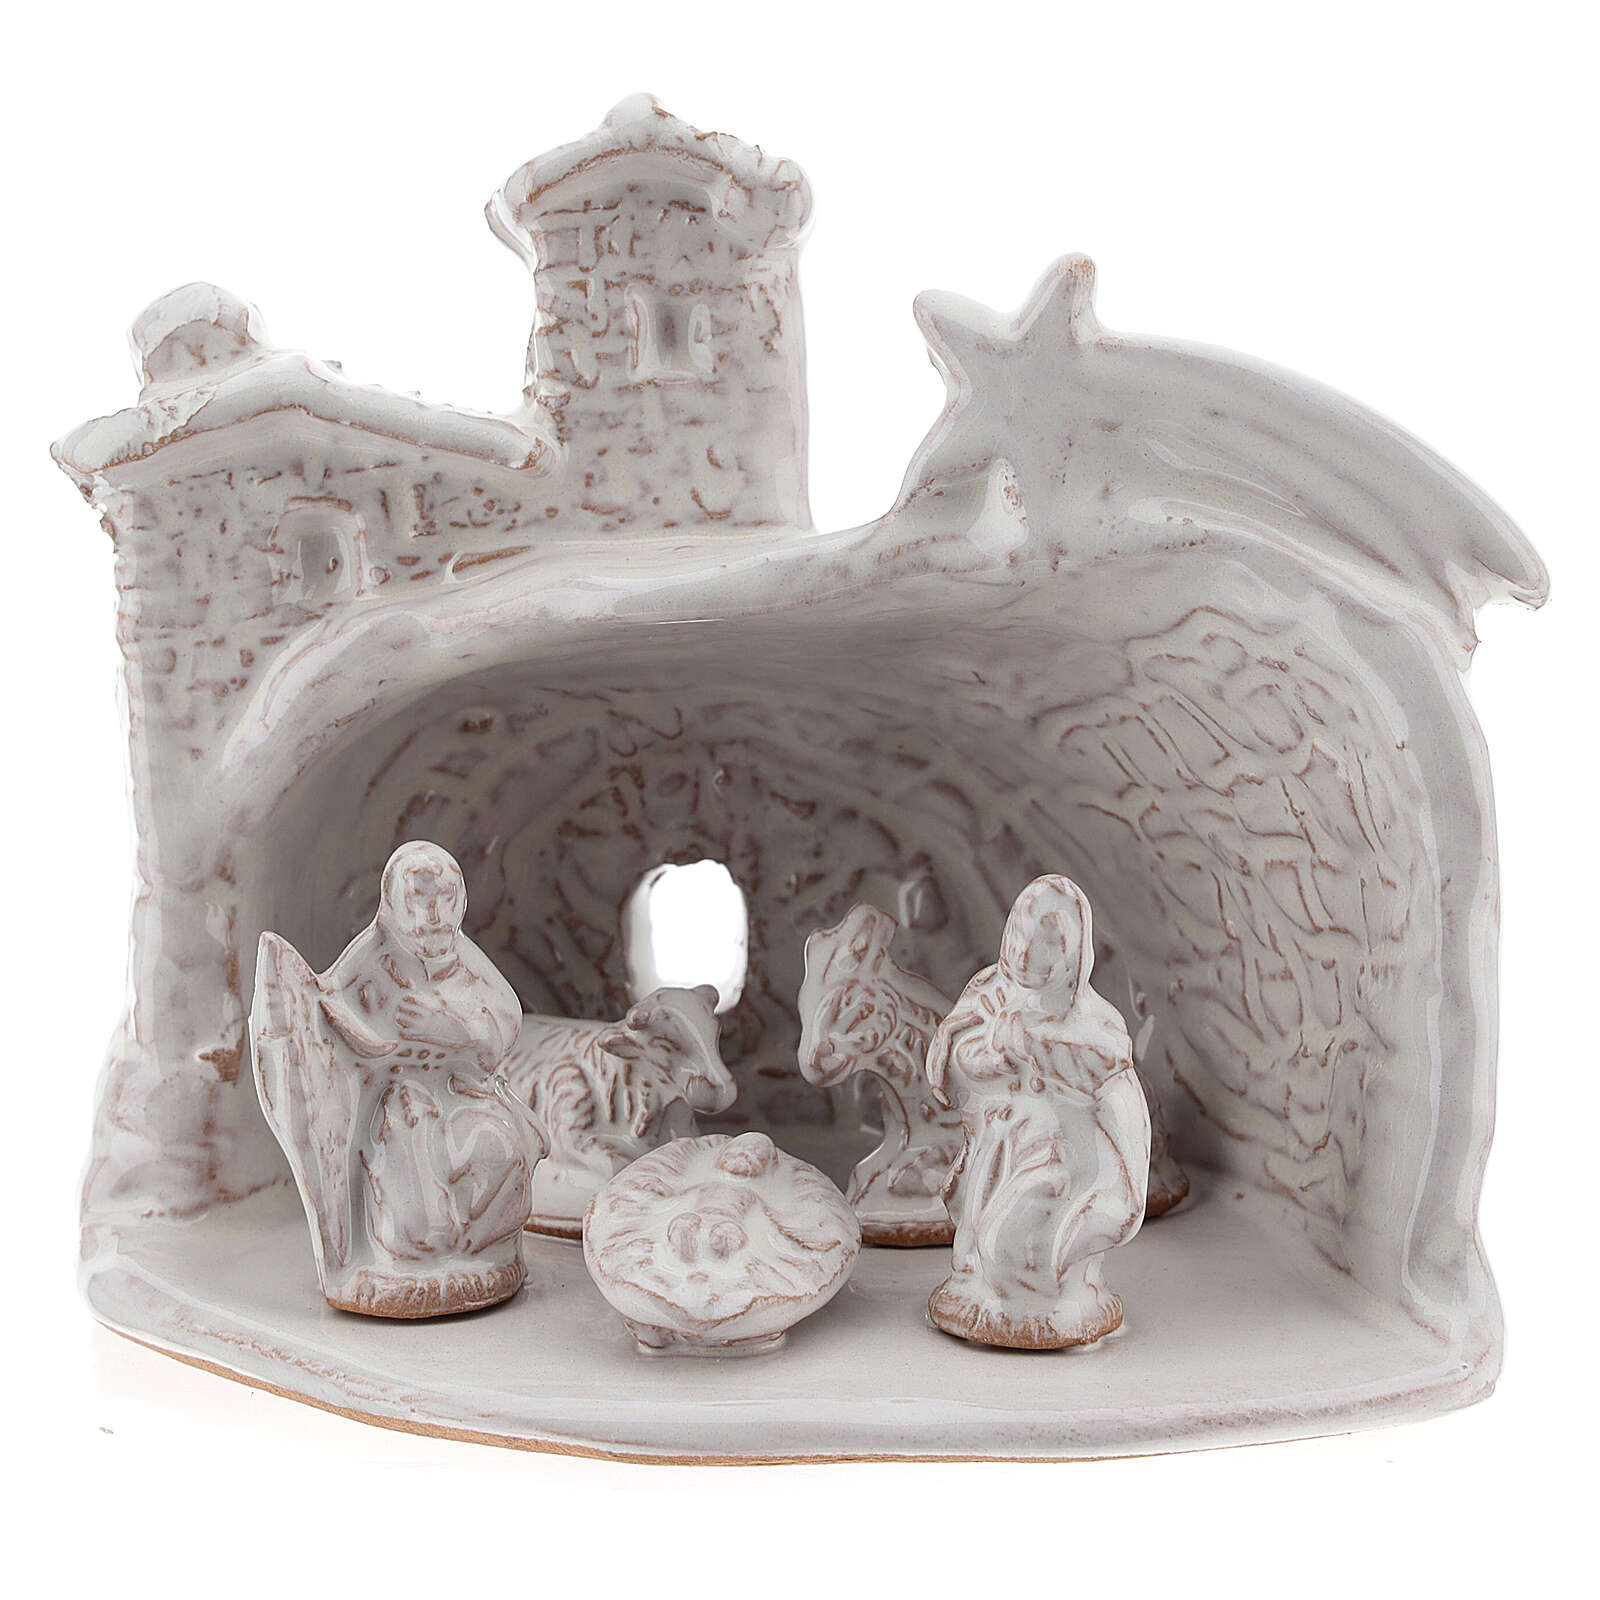 Capanna Natività effetto muratura terracotta bianca Deruta 10 cm 4